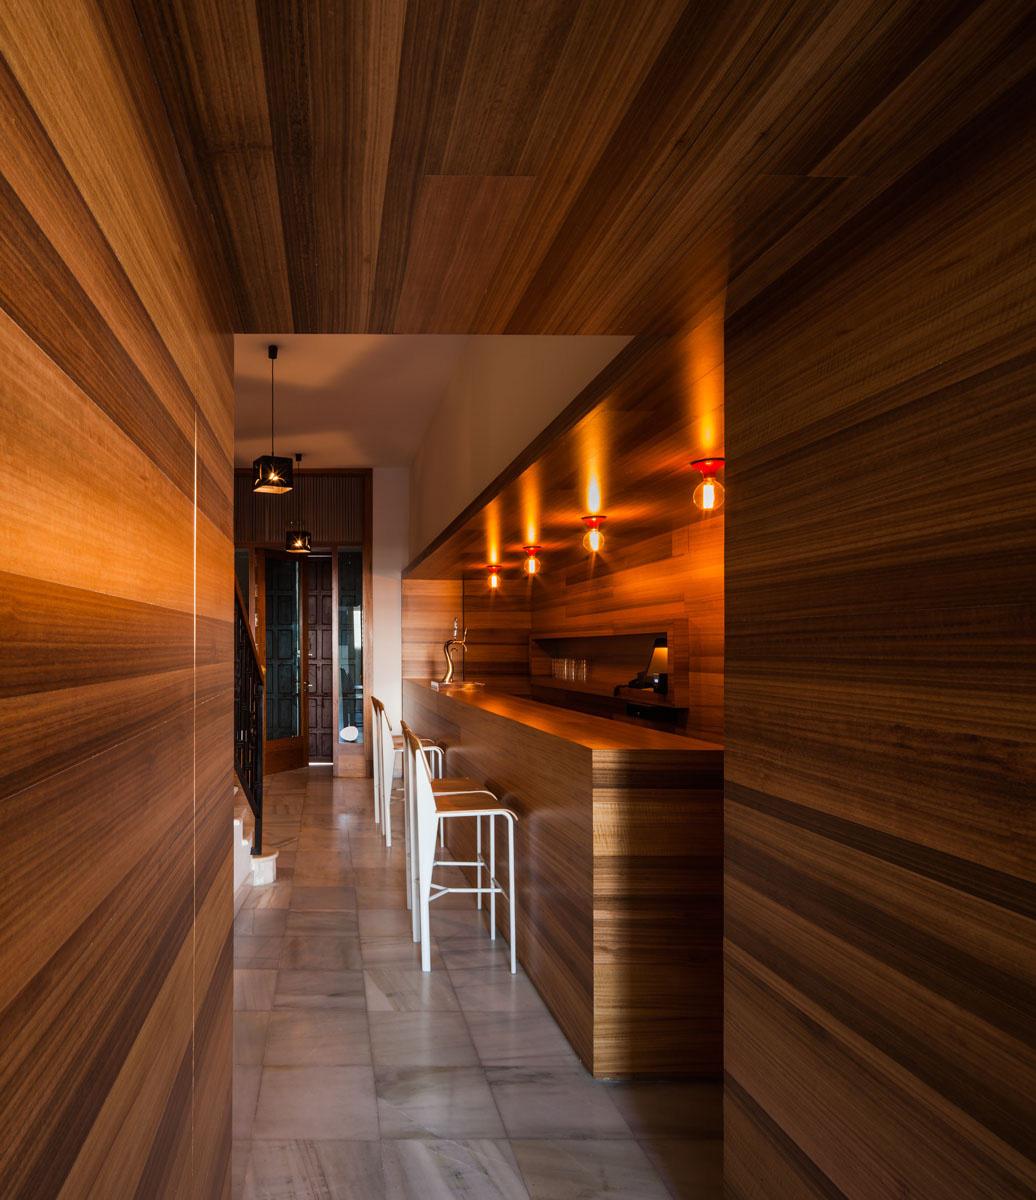 El Tragaluz Restaurant By Adolfo Perez Lopez Yellowtrace